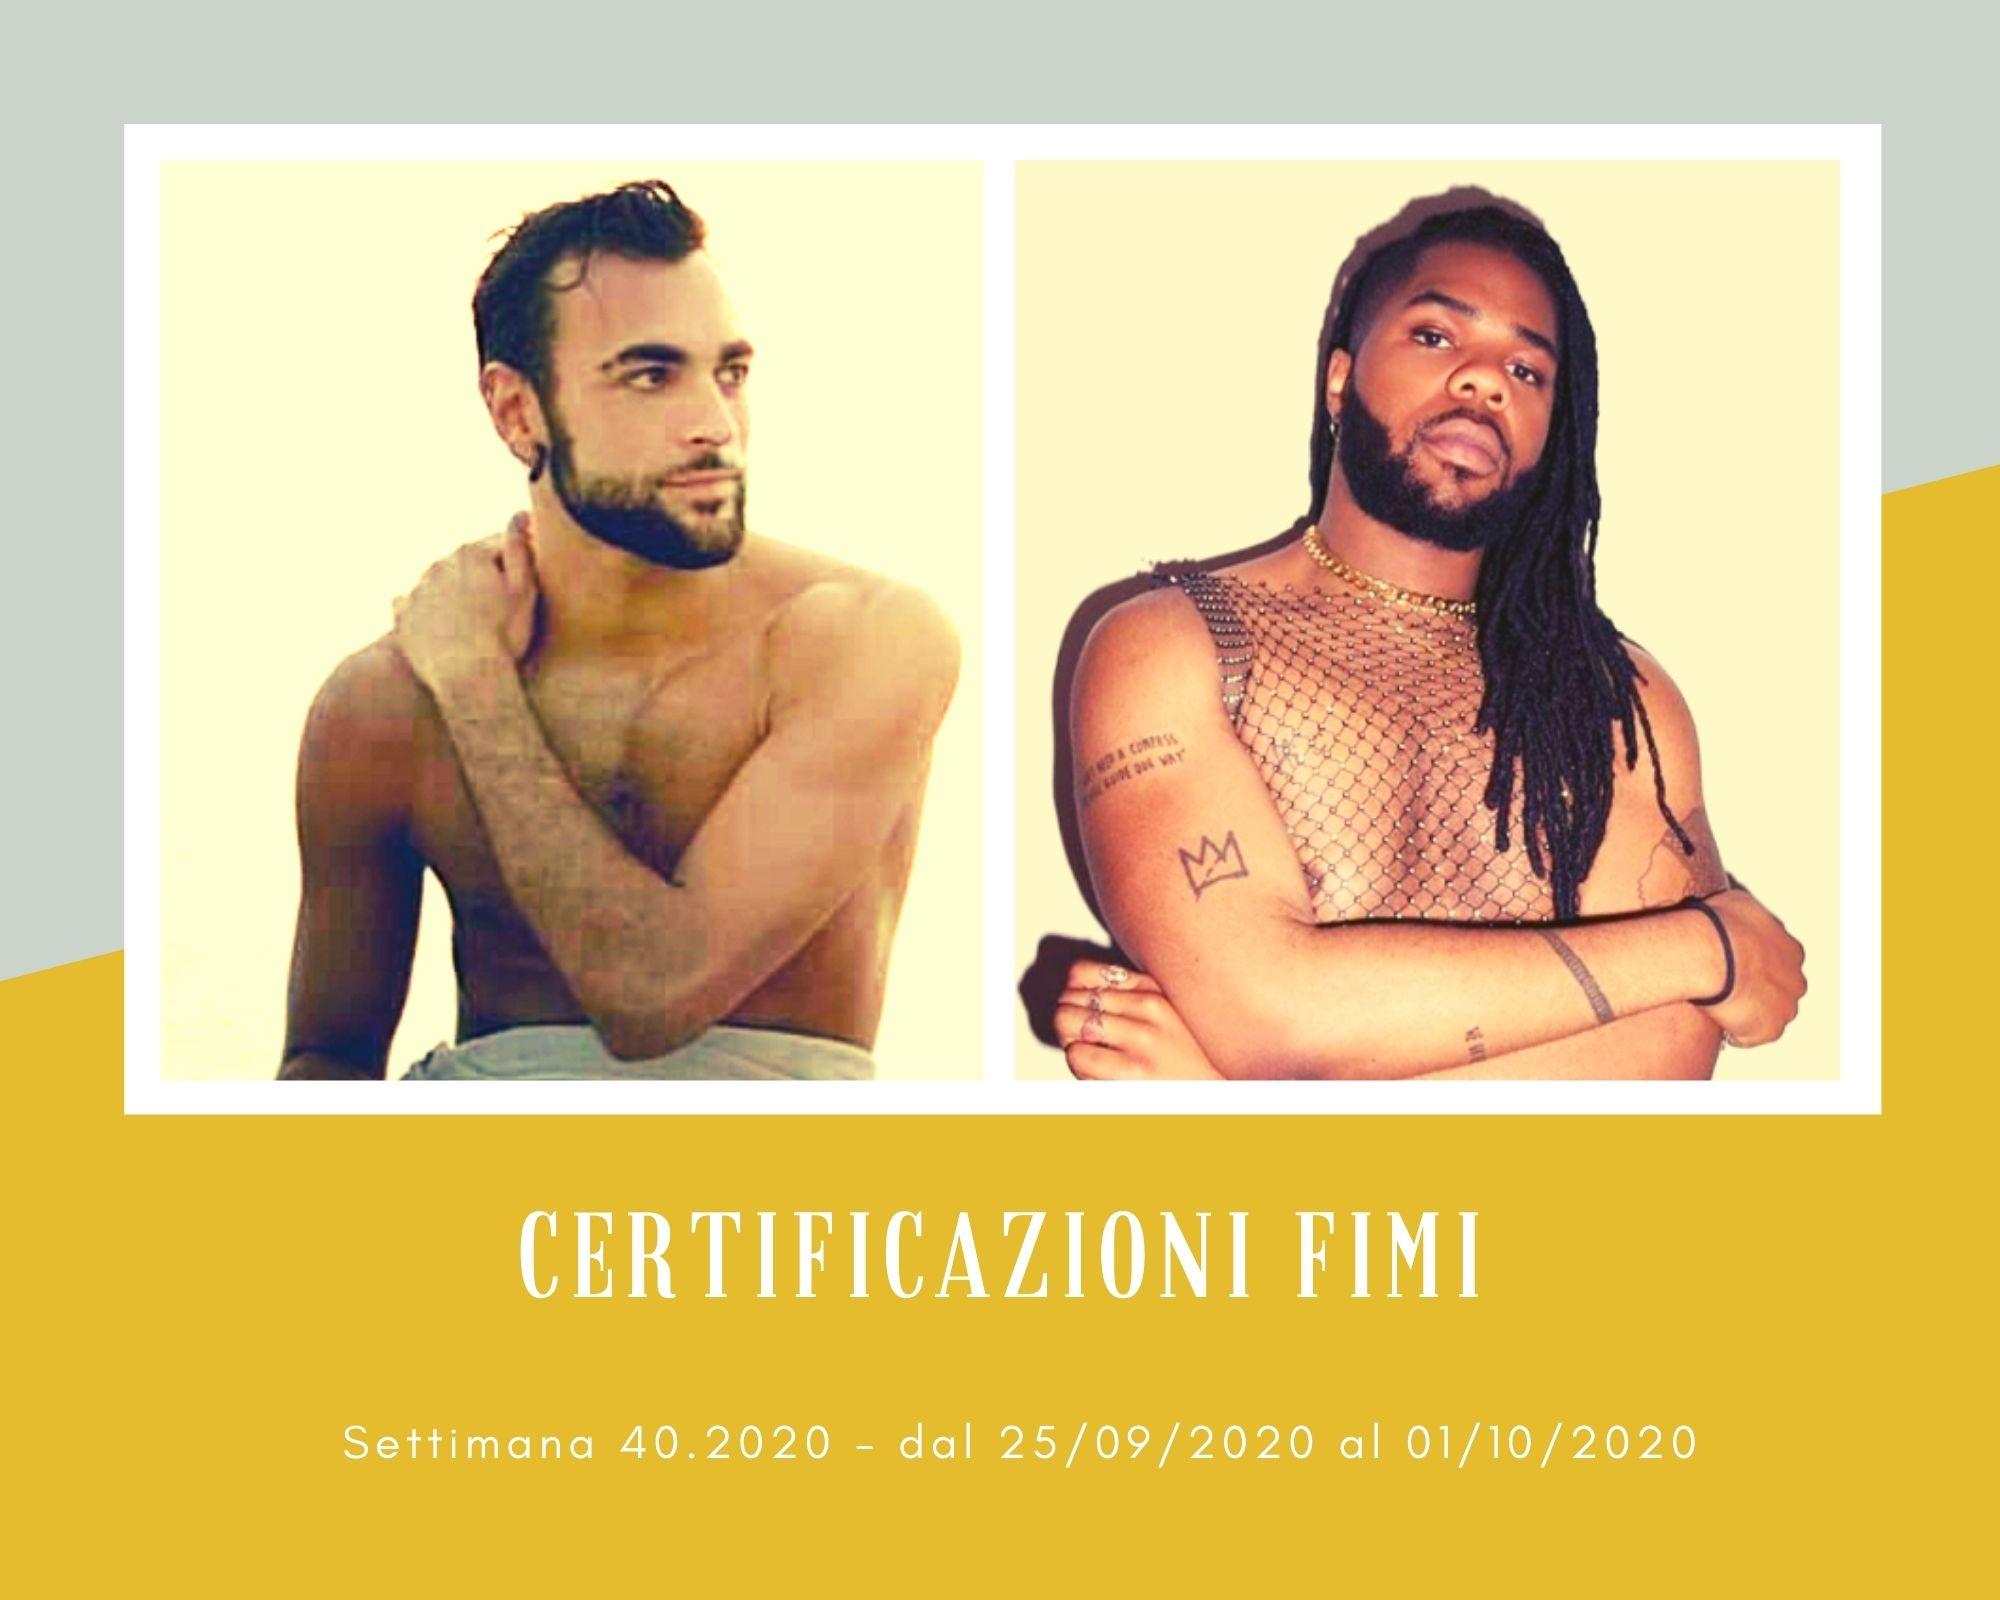 Certificazioni FIMI, week 40: Mahmood regala un platino a Marco Mengoni. Successo di vendite anche per Mnek e Achille Lauro